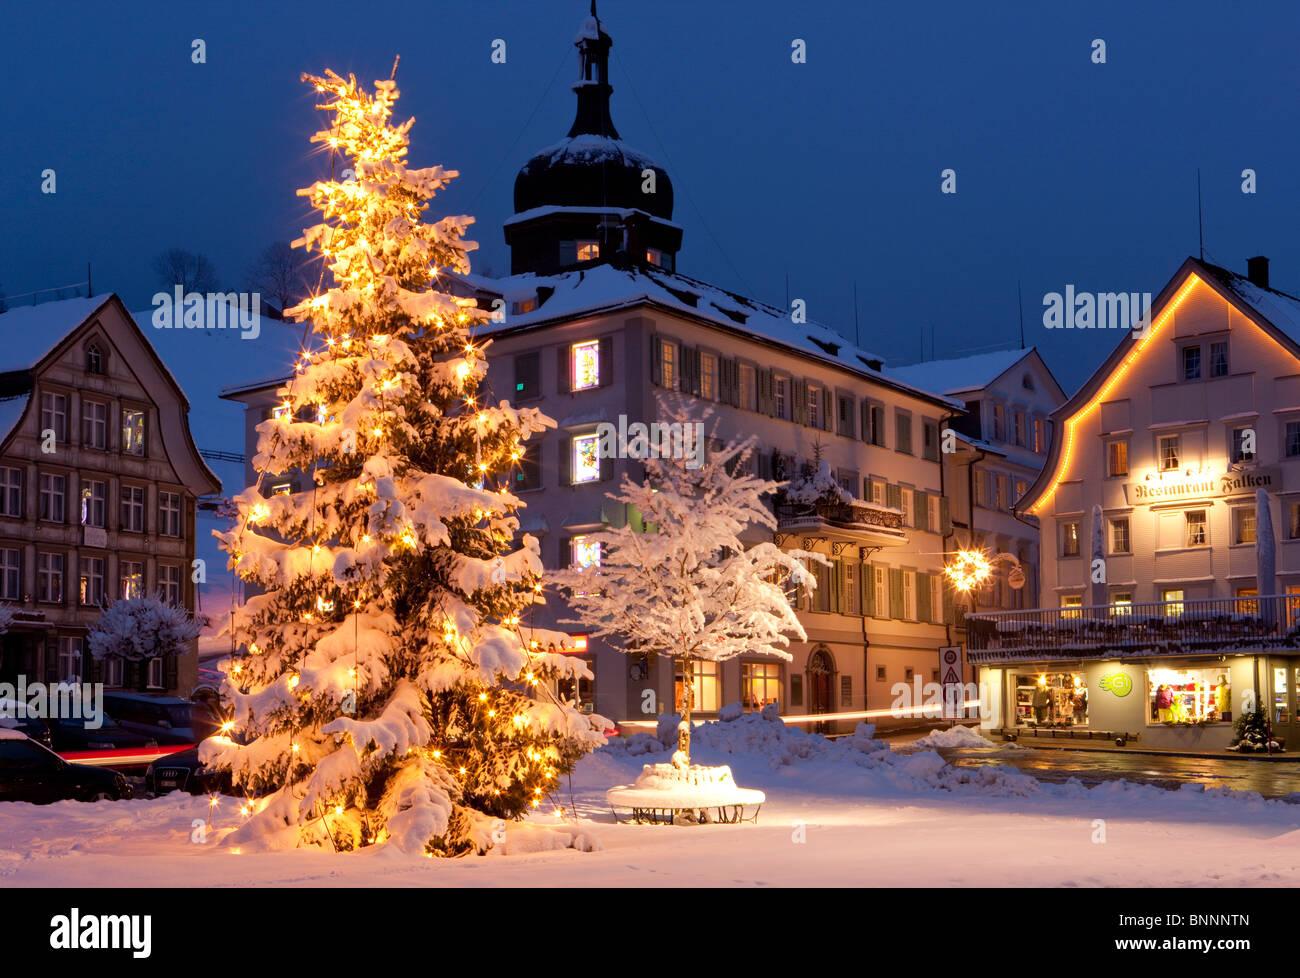 Gais Place Winter Snow Christmas Tree Christmas Tree